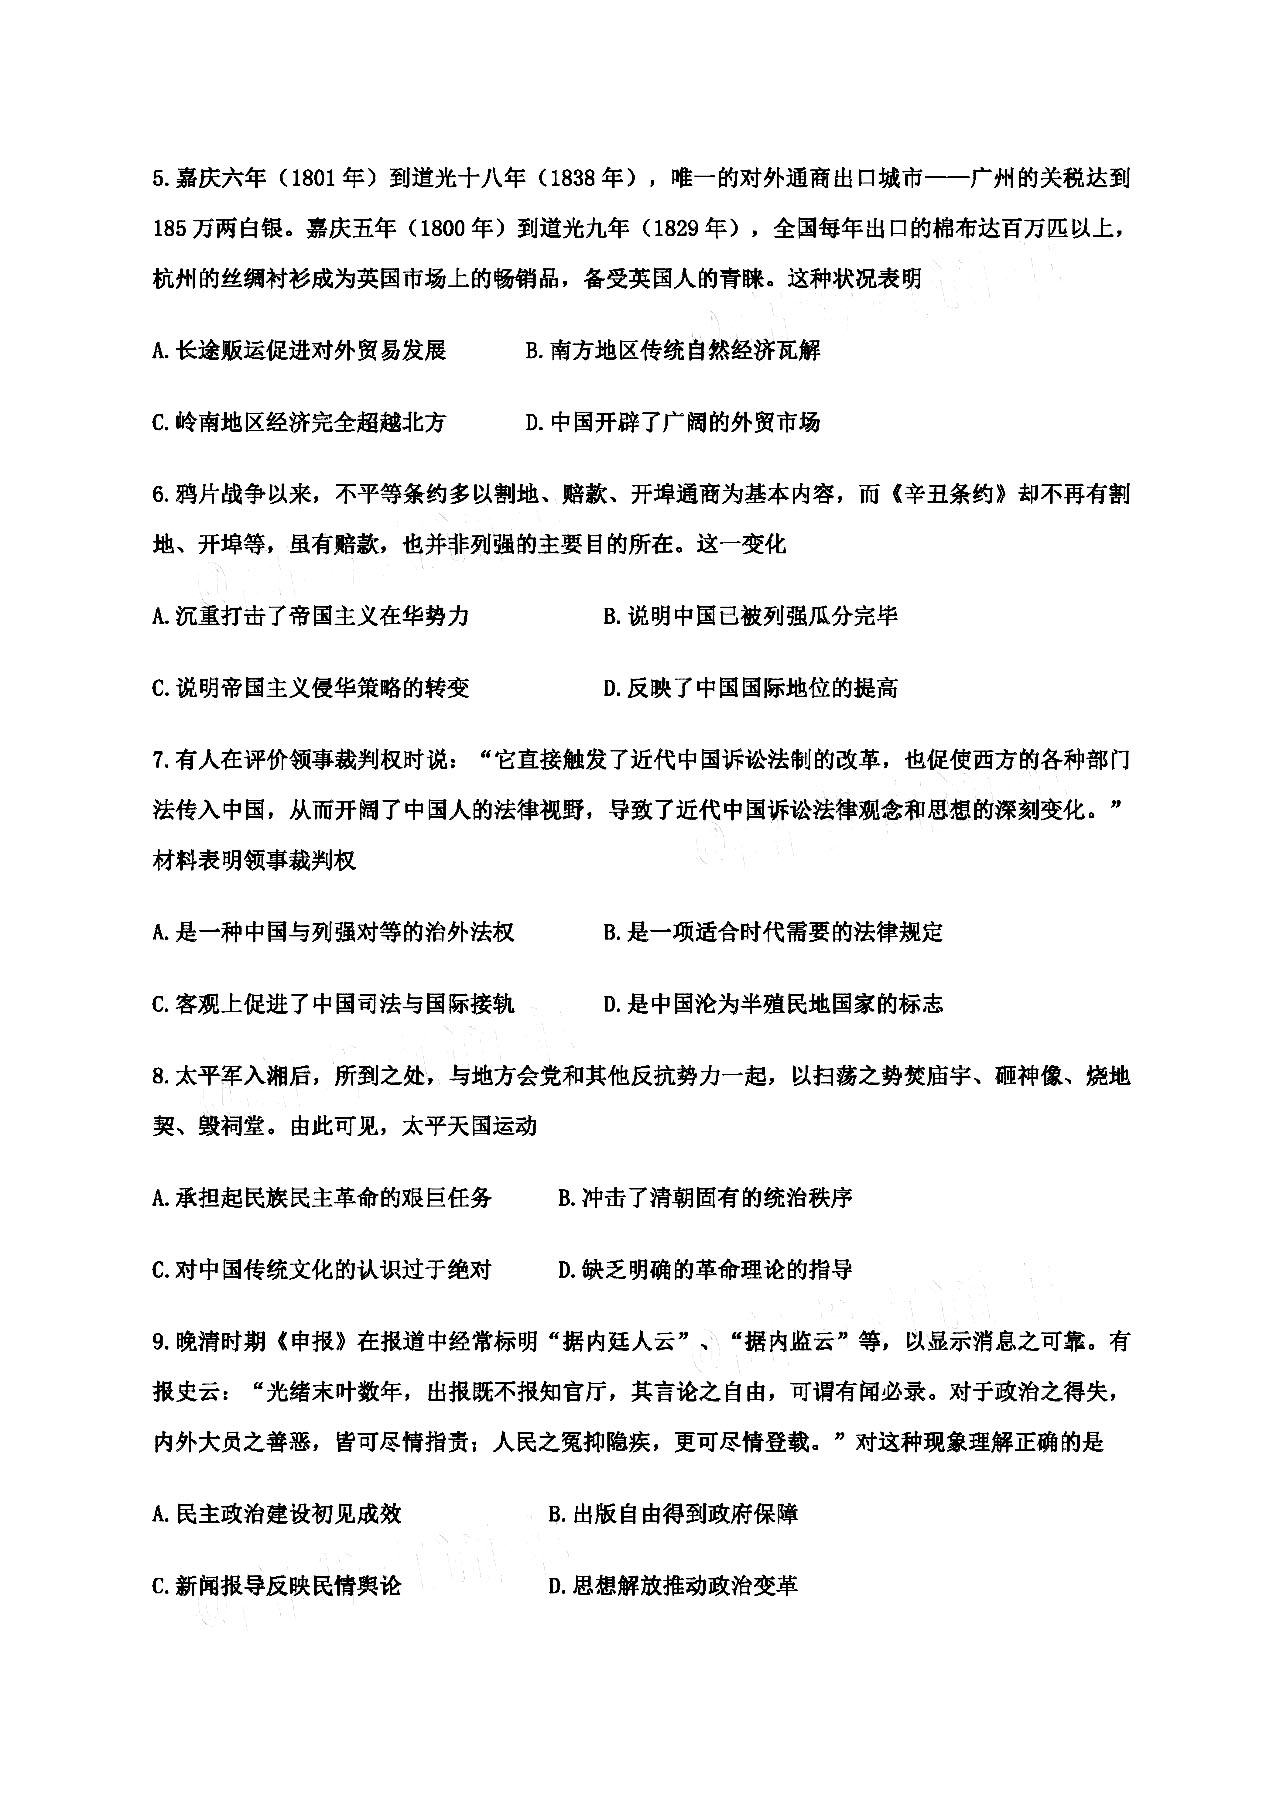 2021宁夏银川第二中学高三上统联二历史试卷答案解析图2